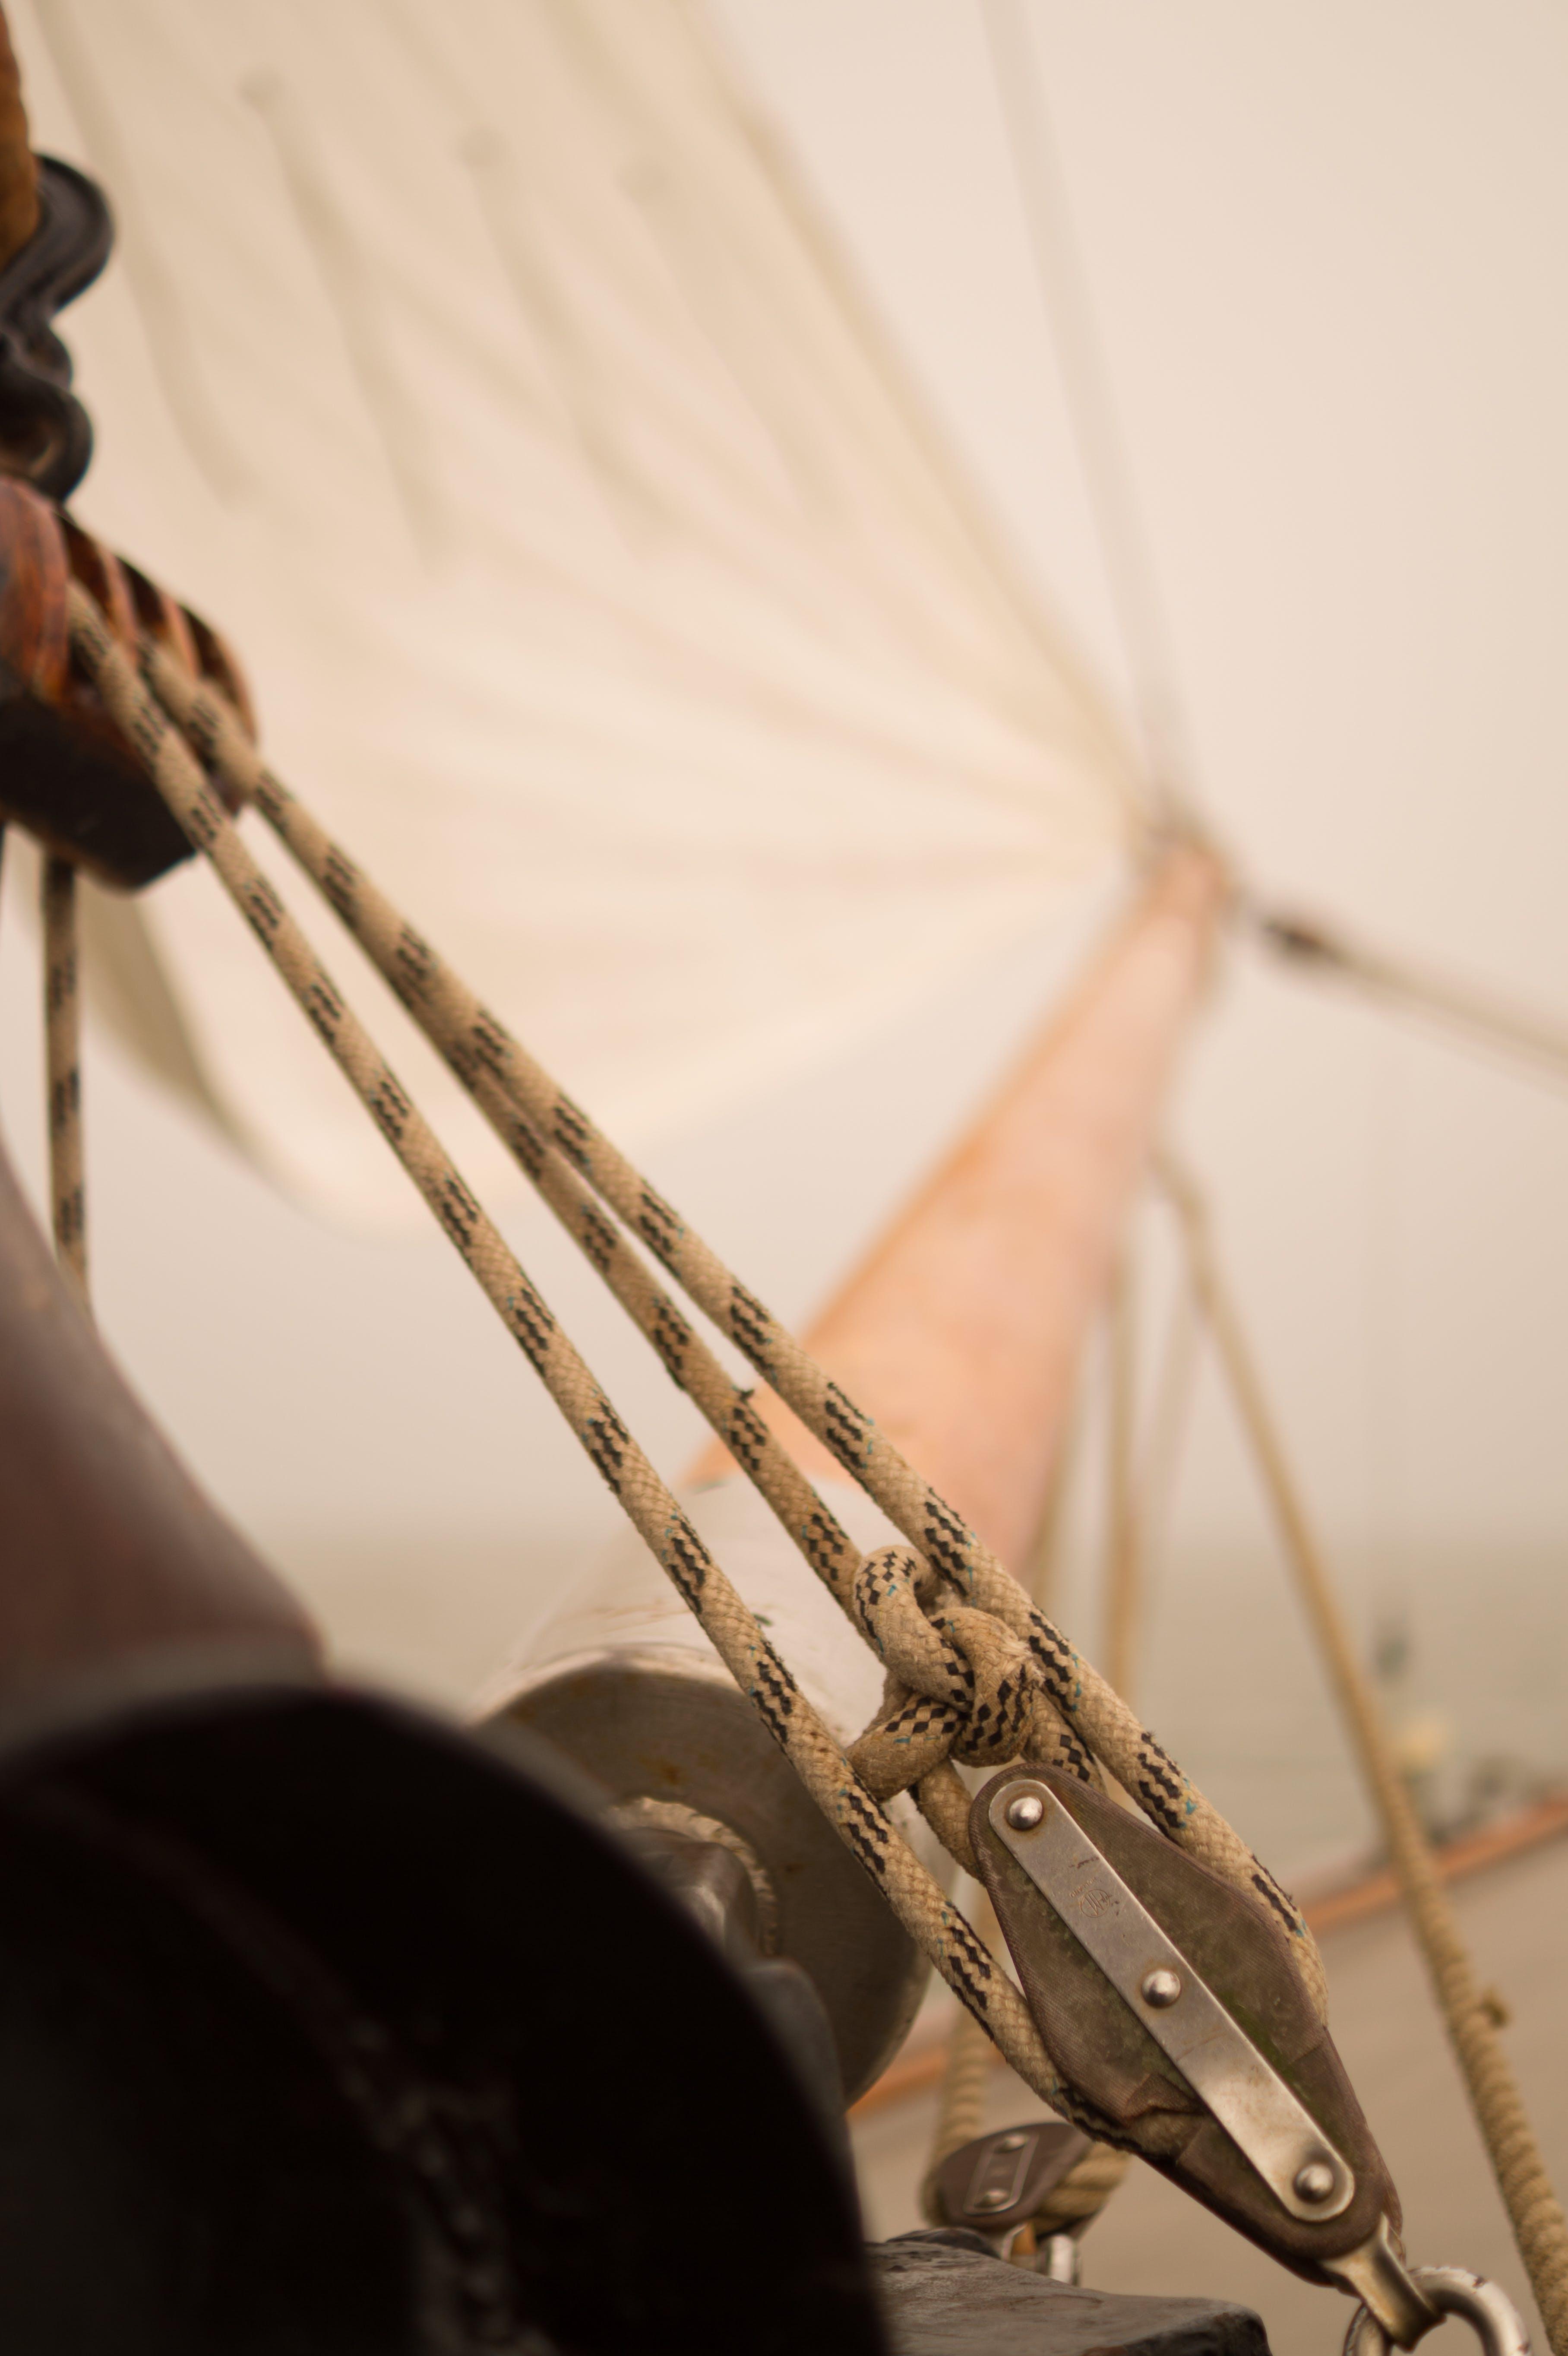 Kostenloses Stock Foto zu masten, nahansicht, segel, segelboot